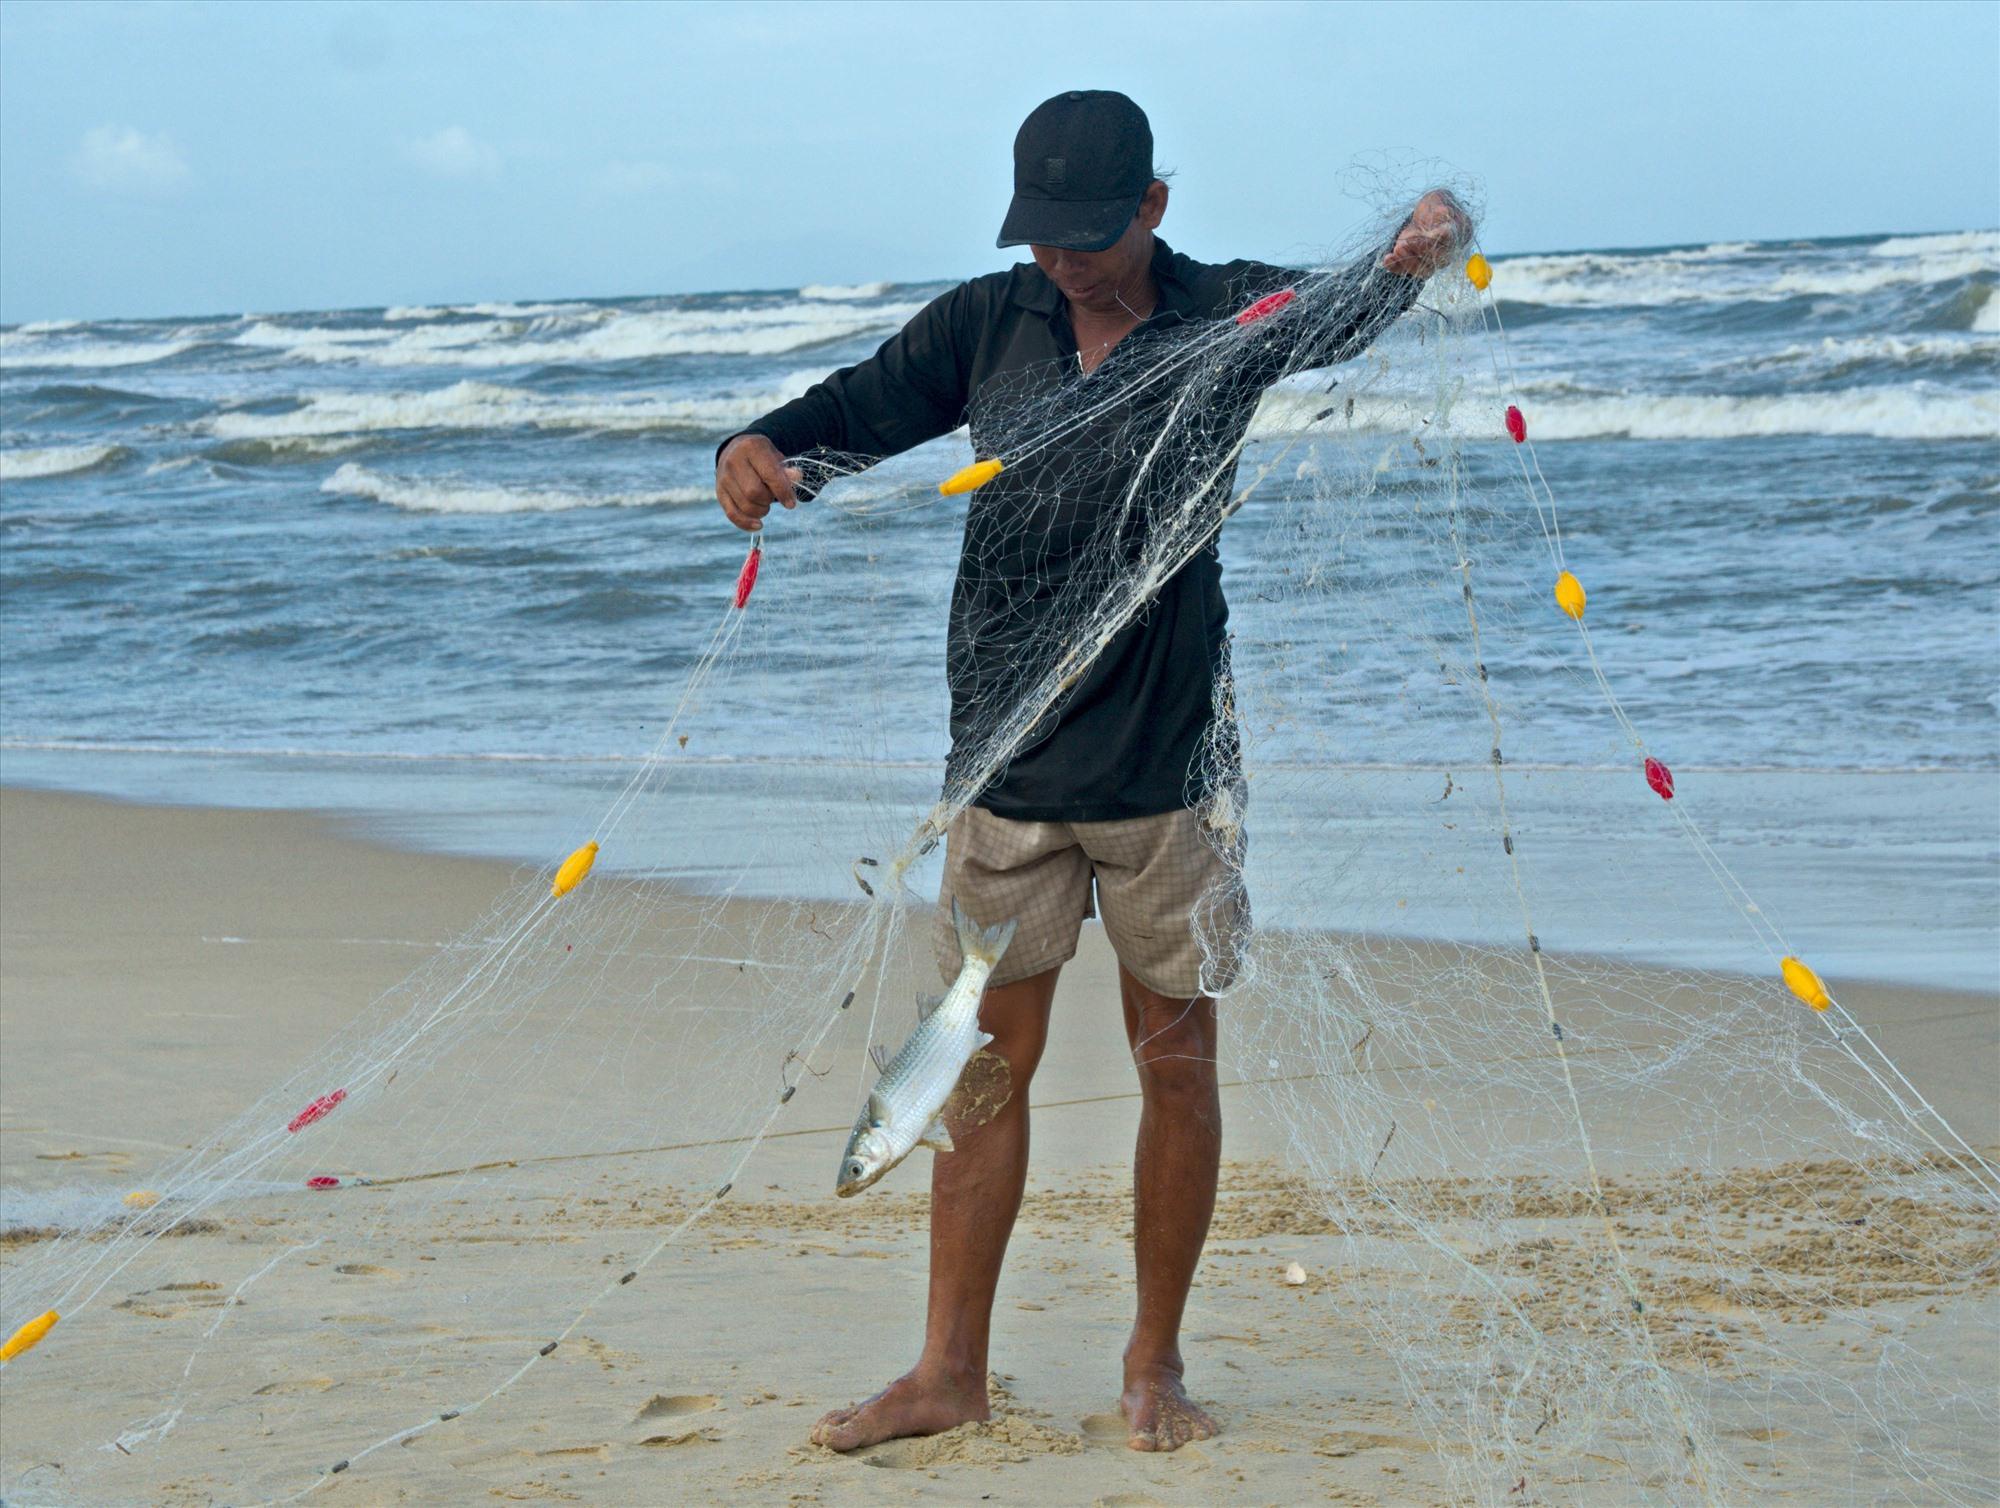 Cá đối rất dễ bị mắc lưới. Ảnh: NGUYỄN ĐIỆN NGỌC